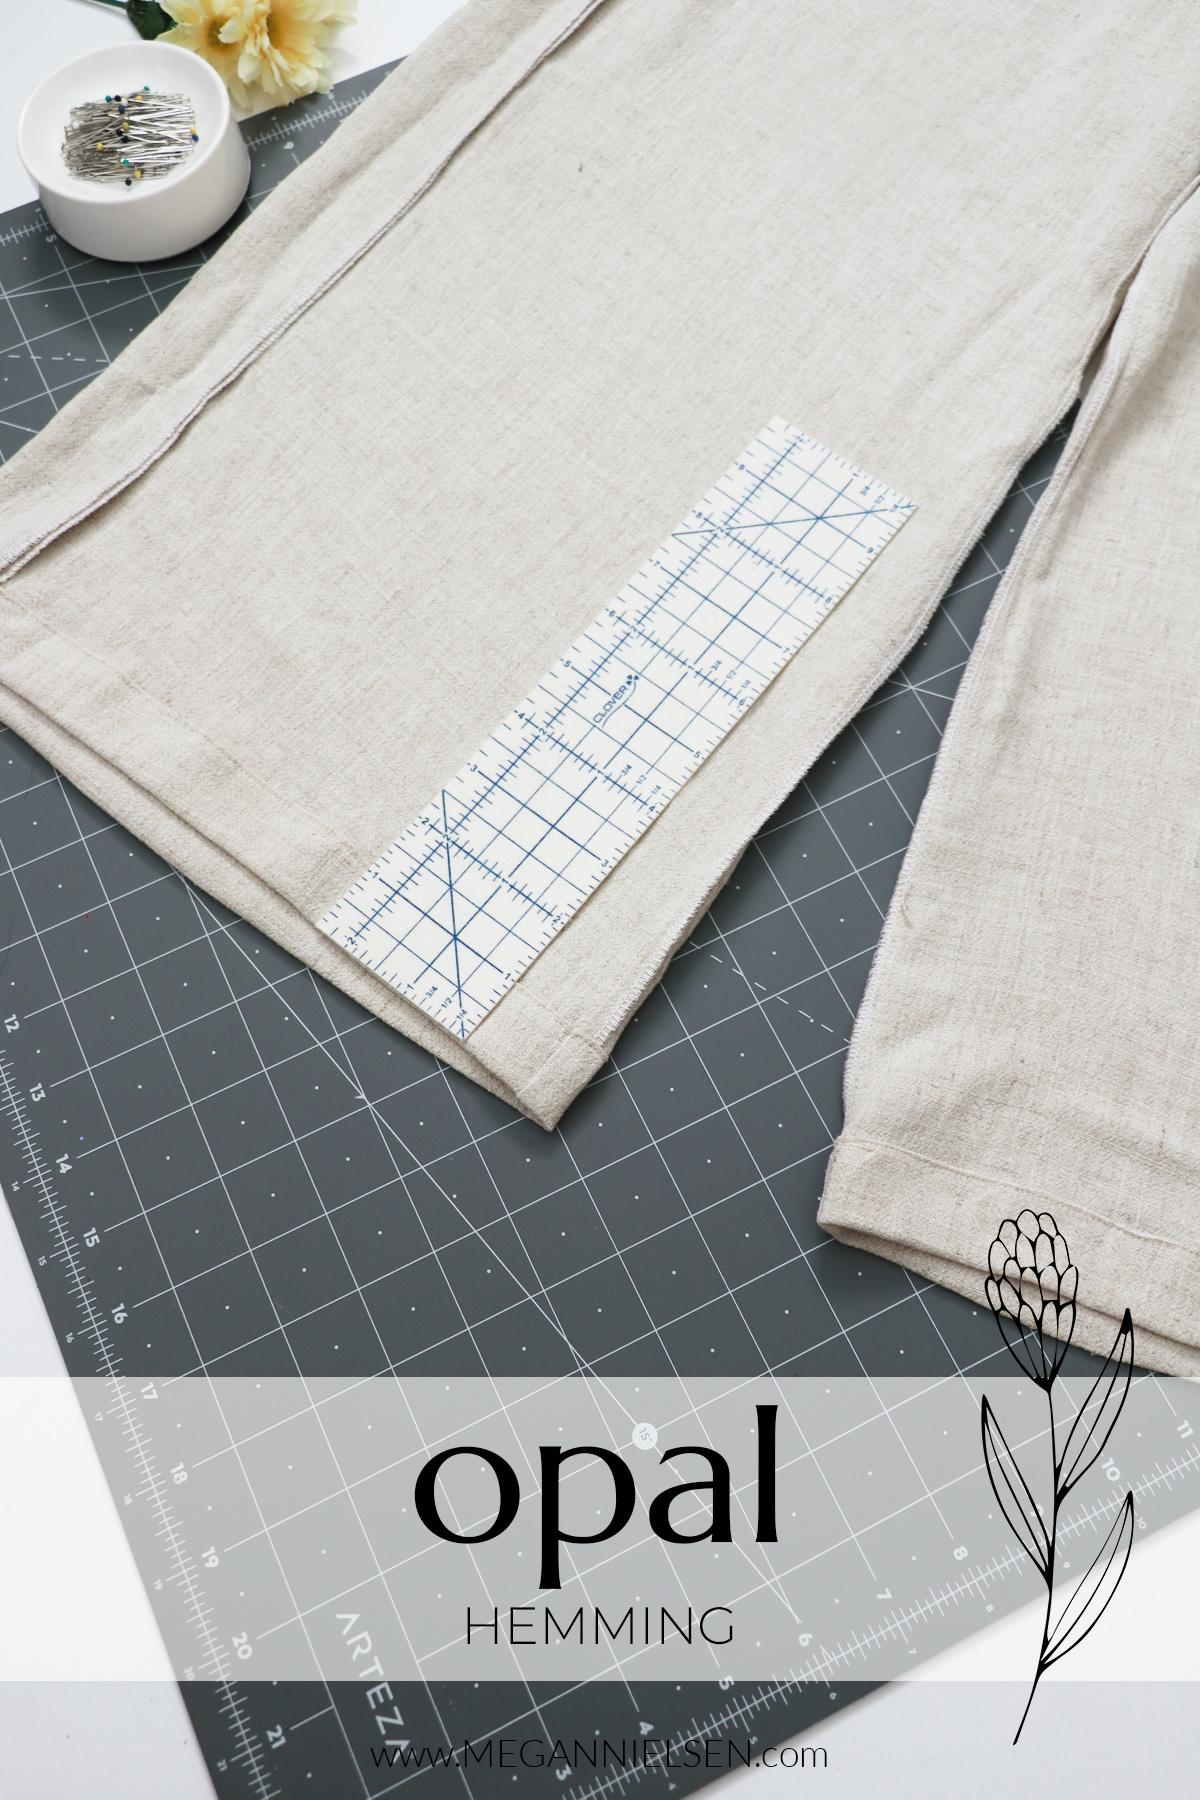 Opal sewalong hemming the Opal pants and shorts pattern